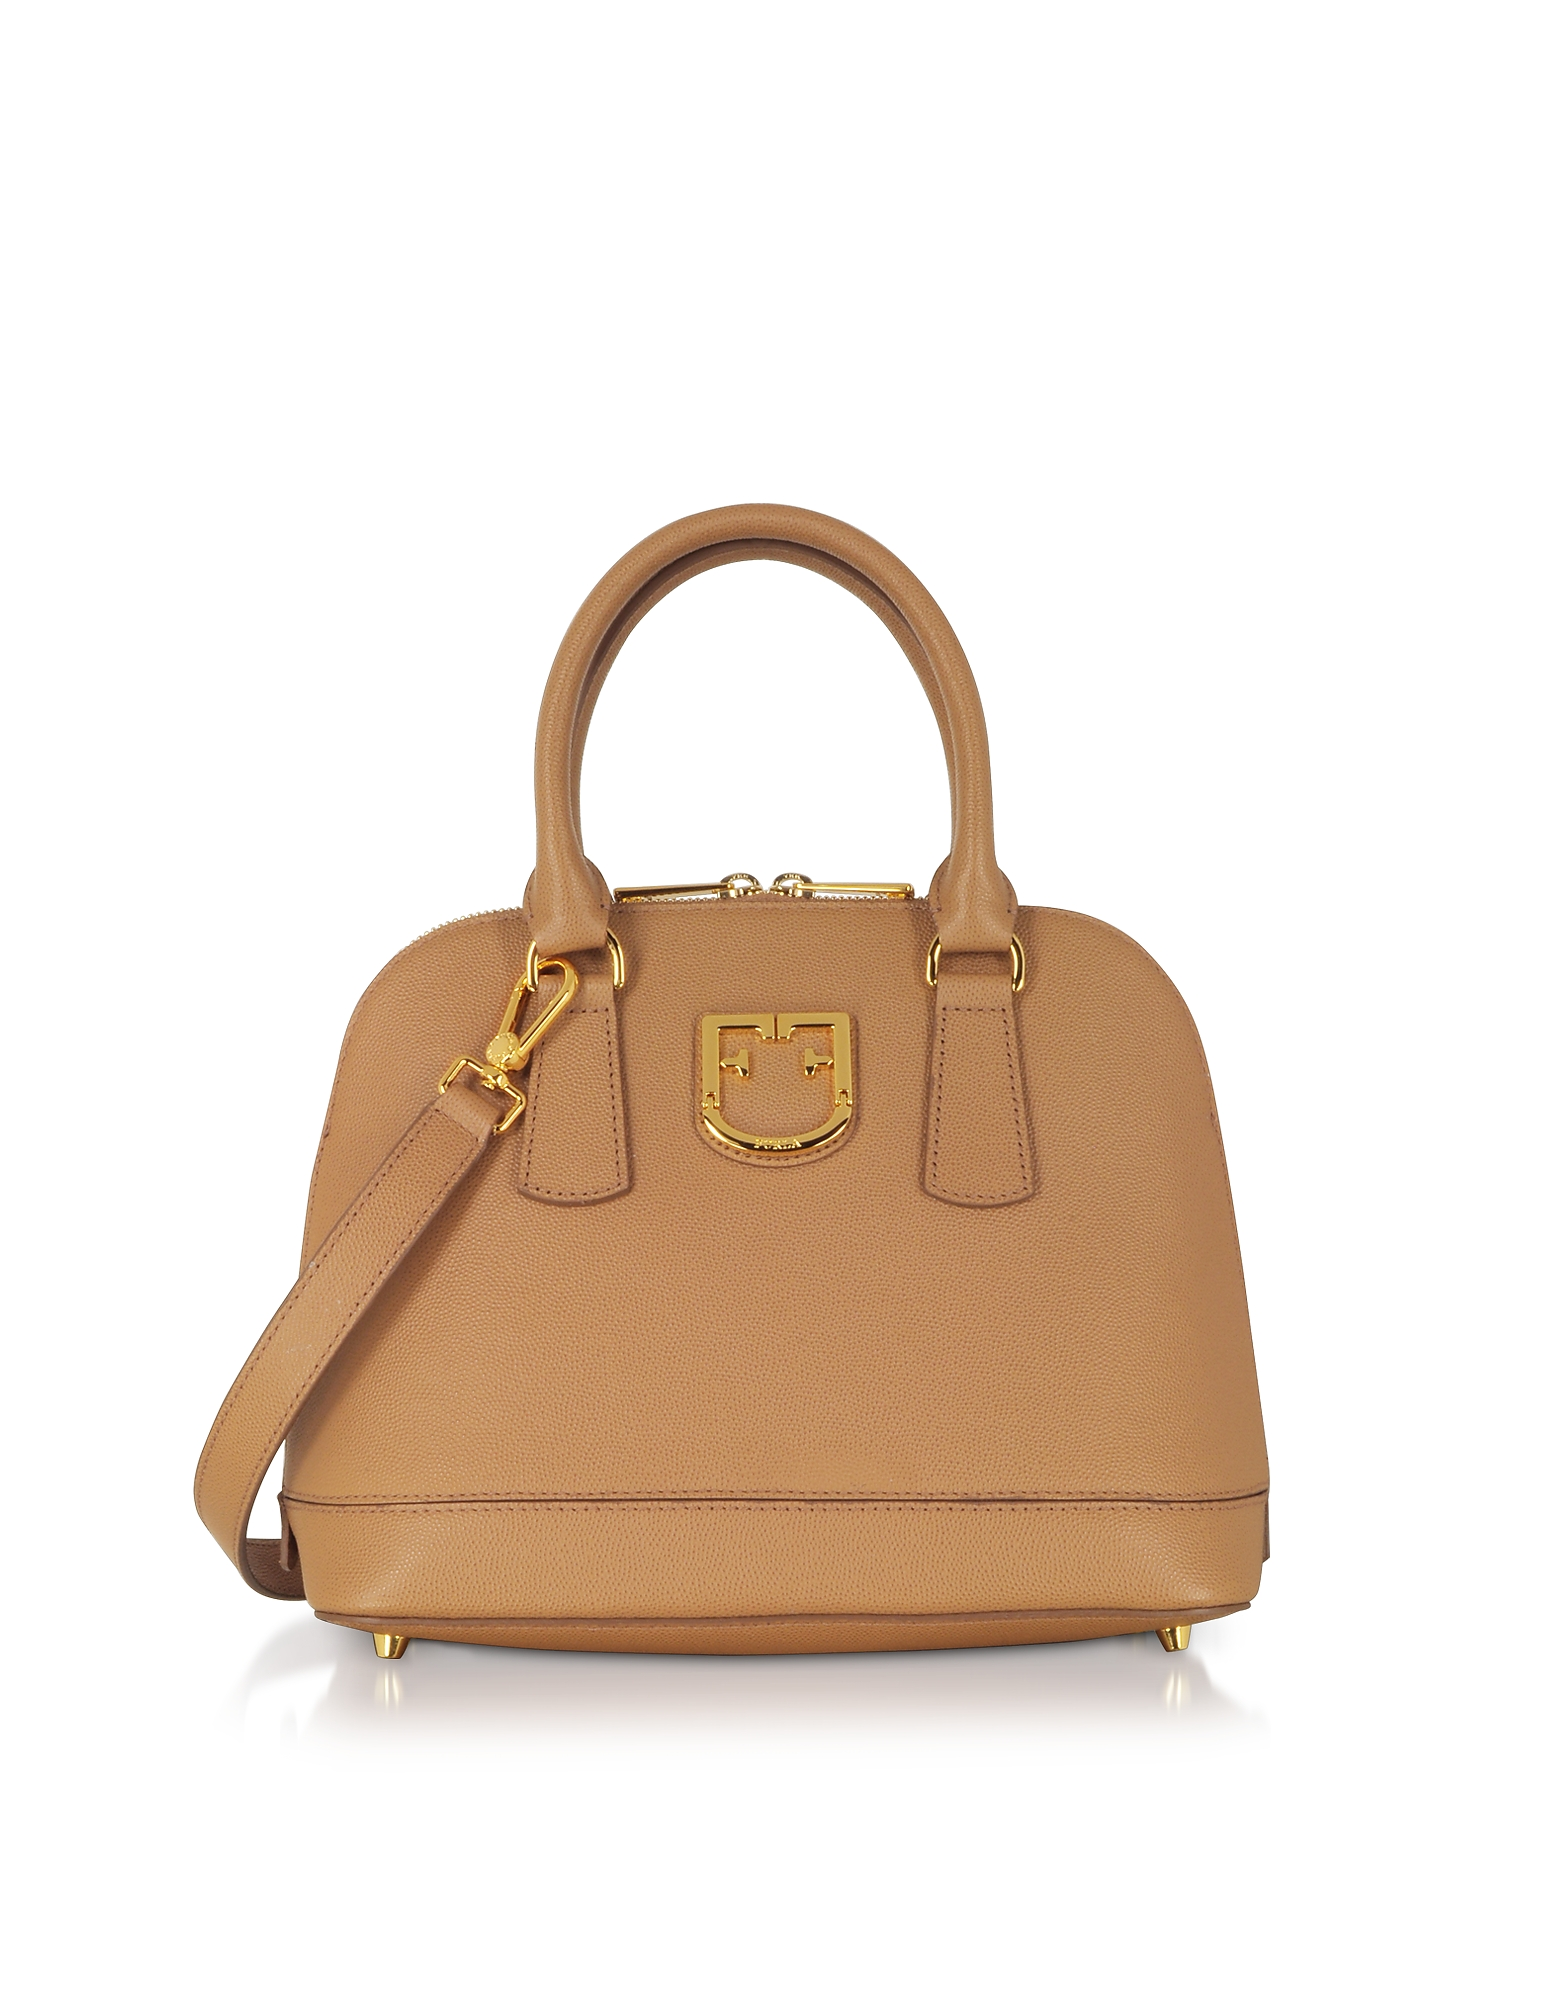 FURLA | Furla Designer Handbags, Fantastica S Dome Satchel Bag | Goxip